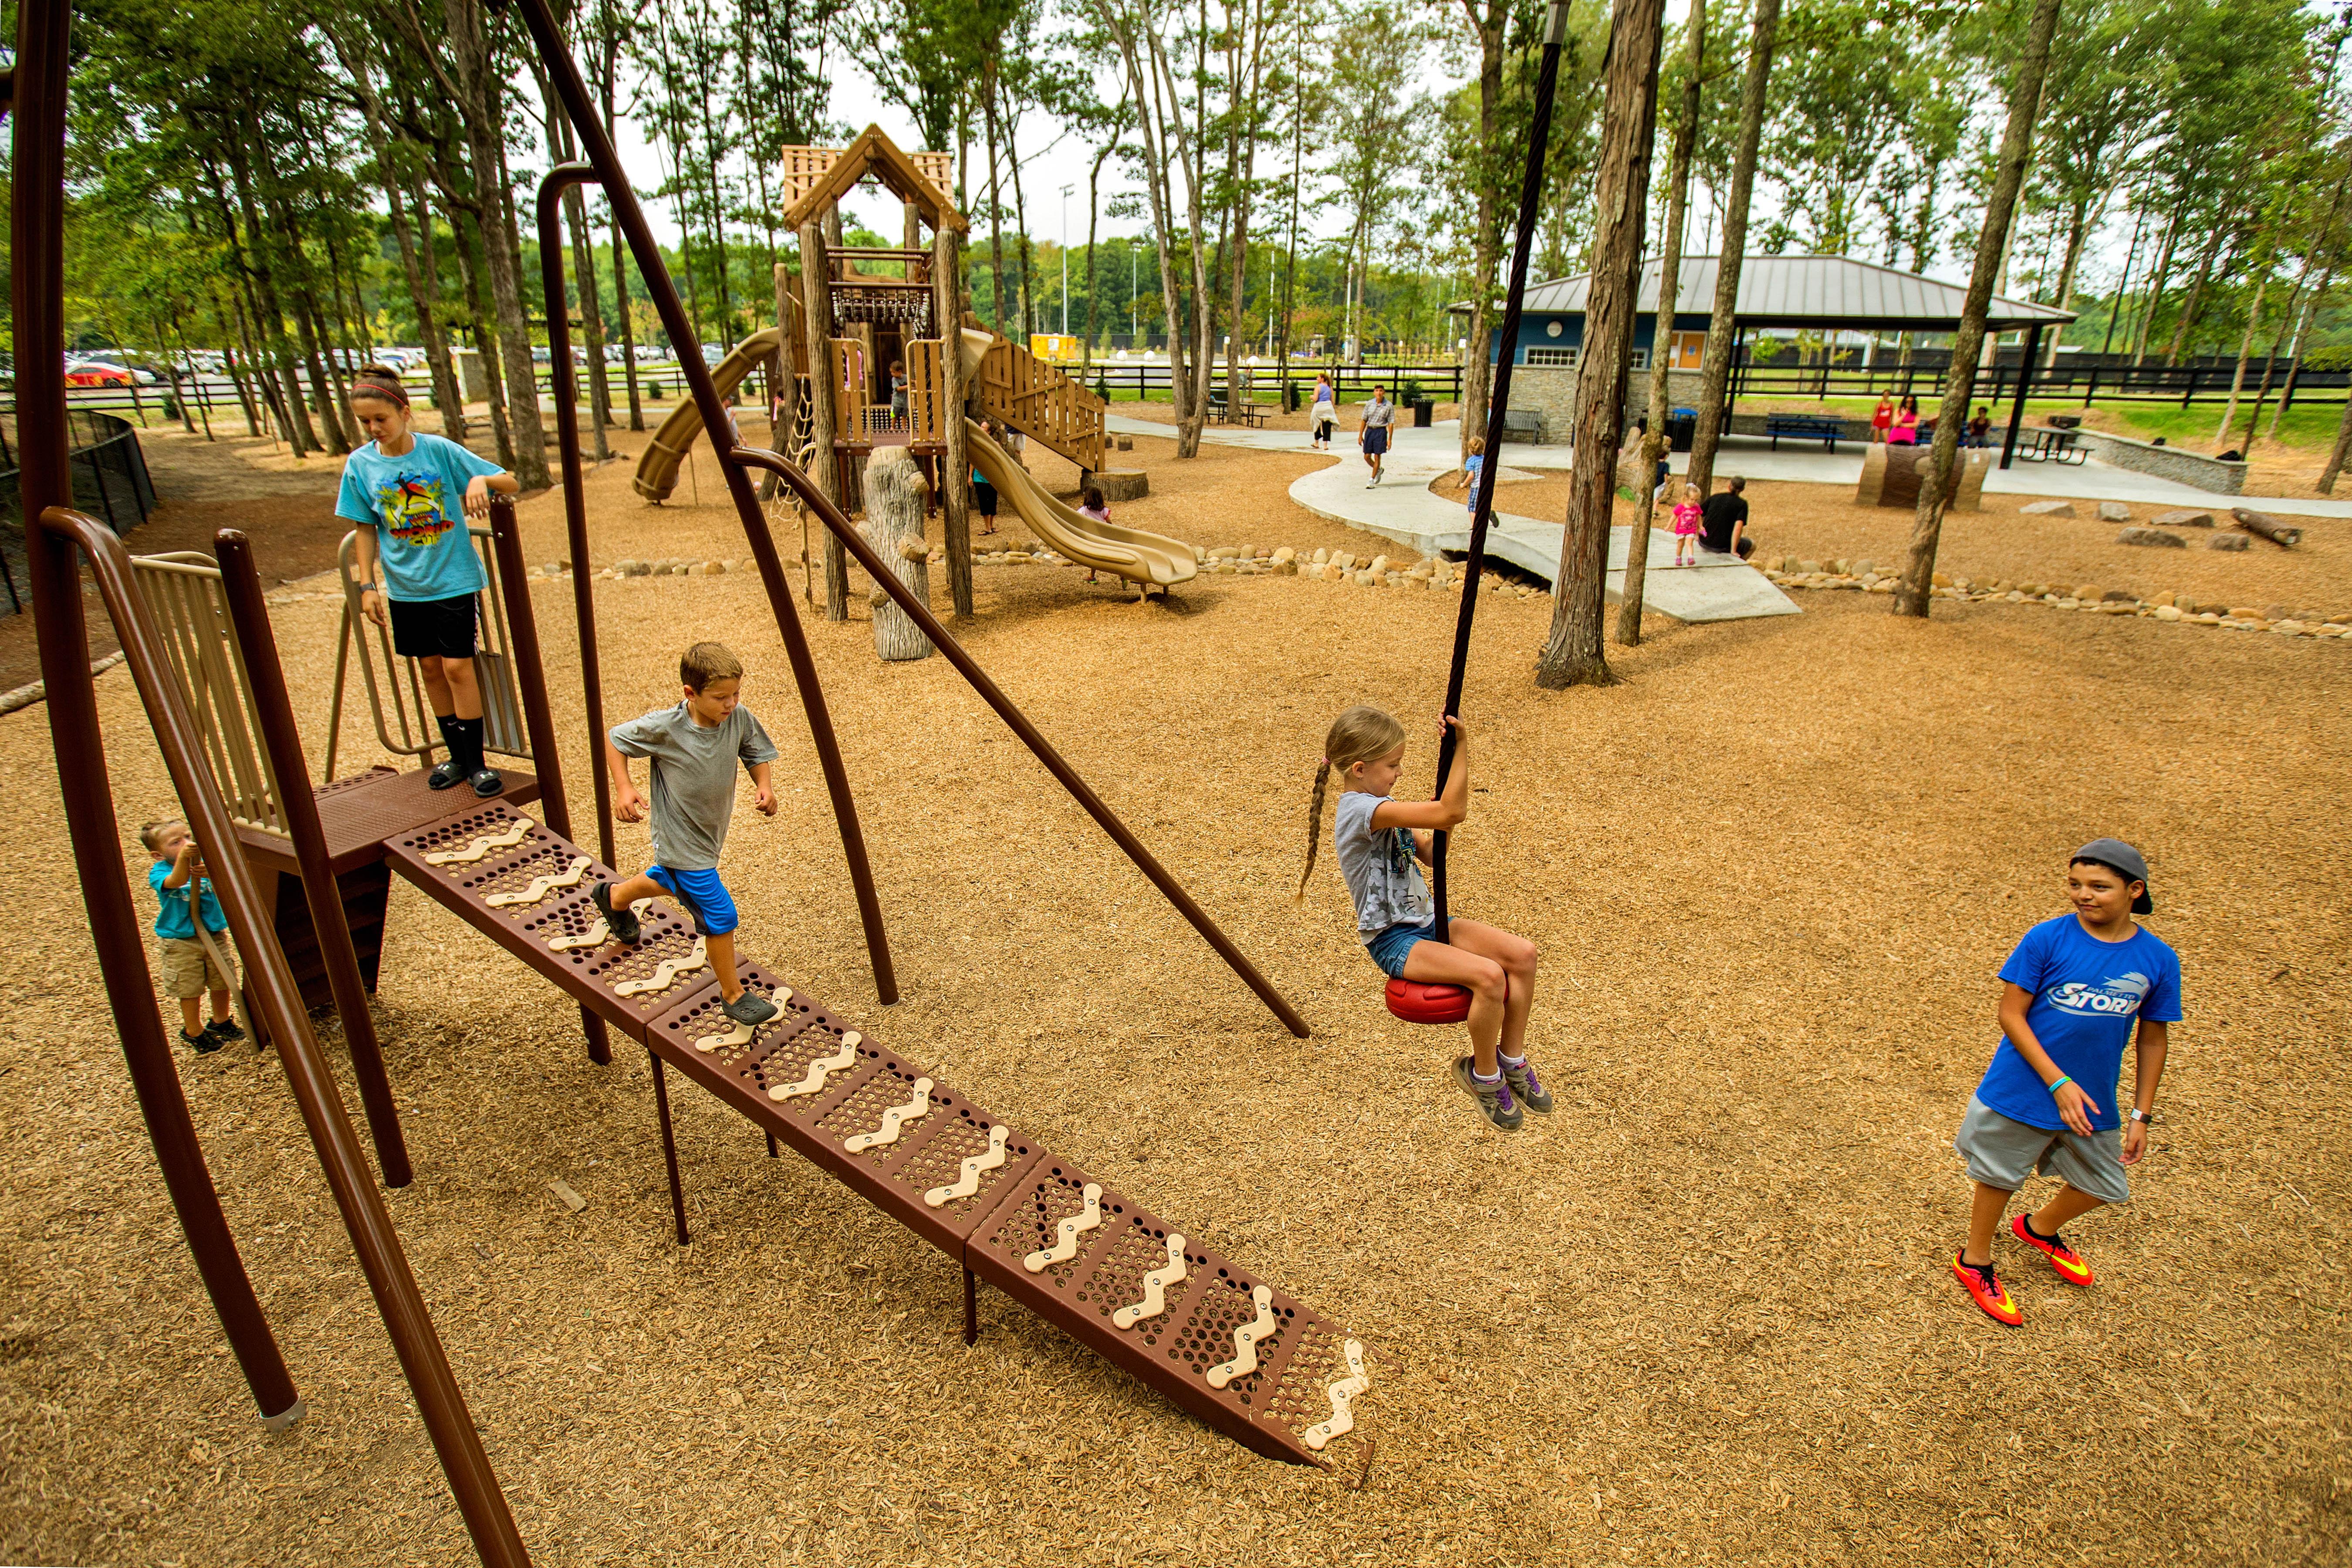 custom playground equipment with nature theme